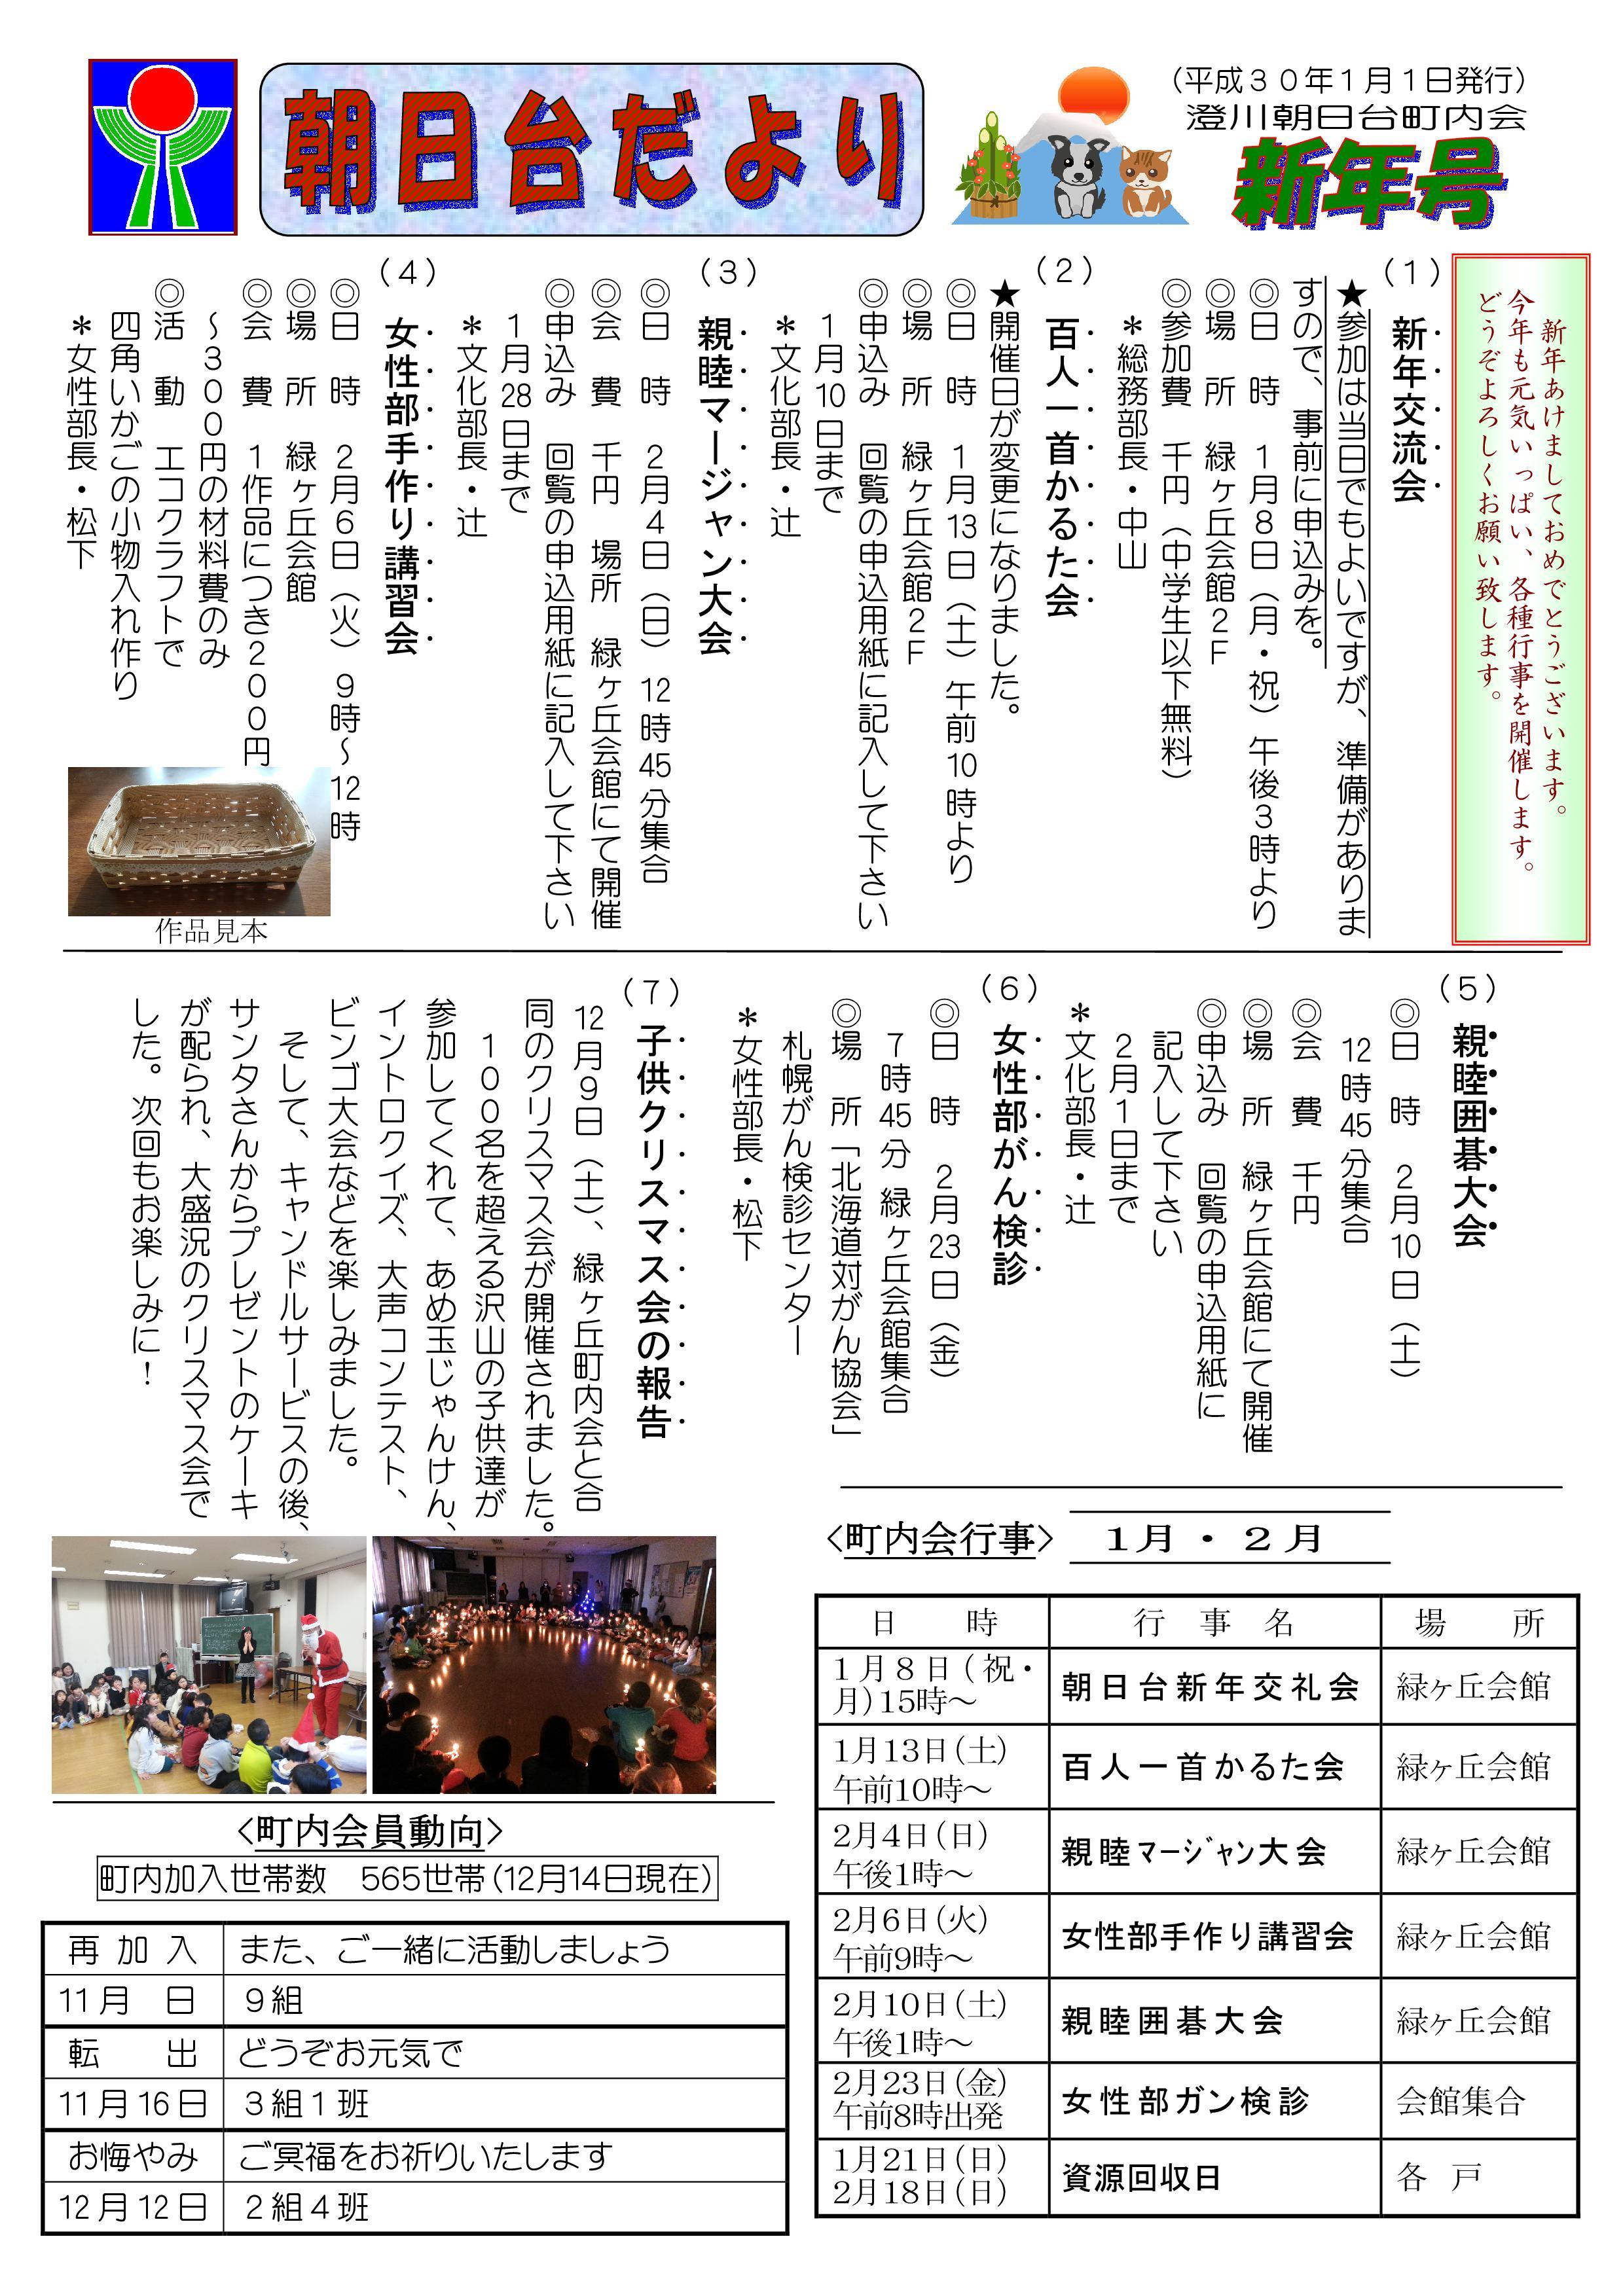 http://sumikawa.info/asahidai/1%E6%9C%88%E5%8F%B7.jpg